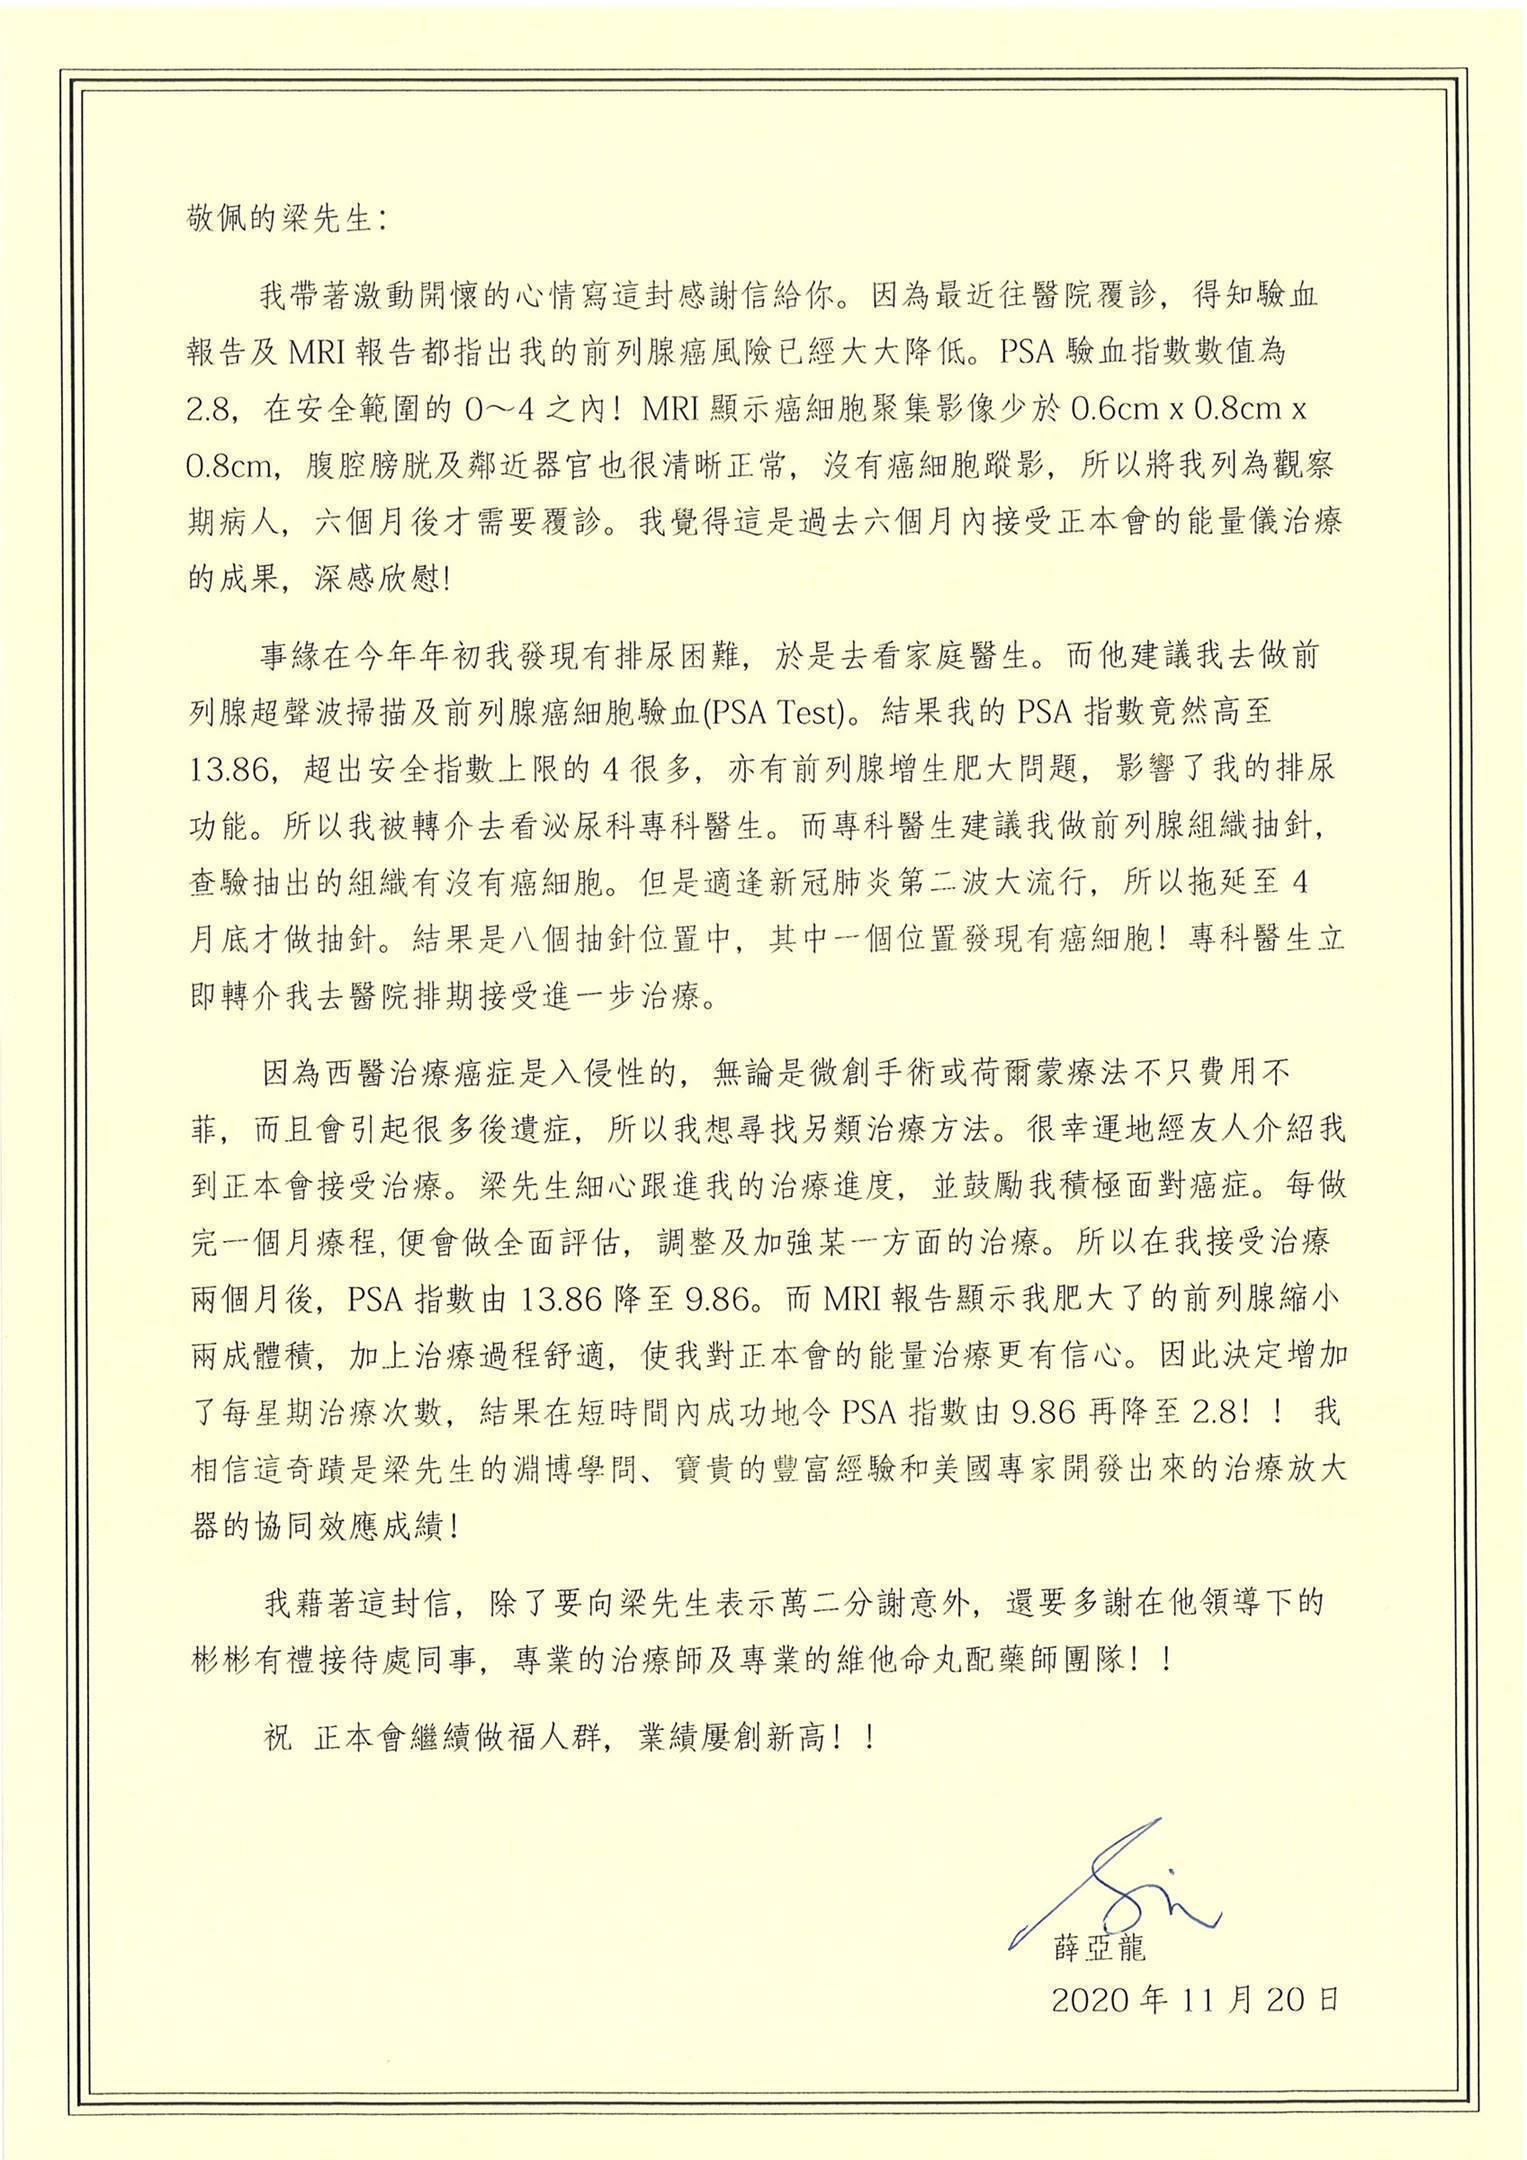 薛亞龍的感謝信